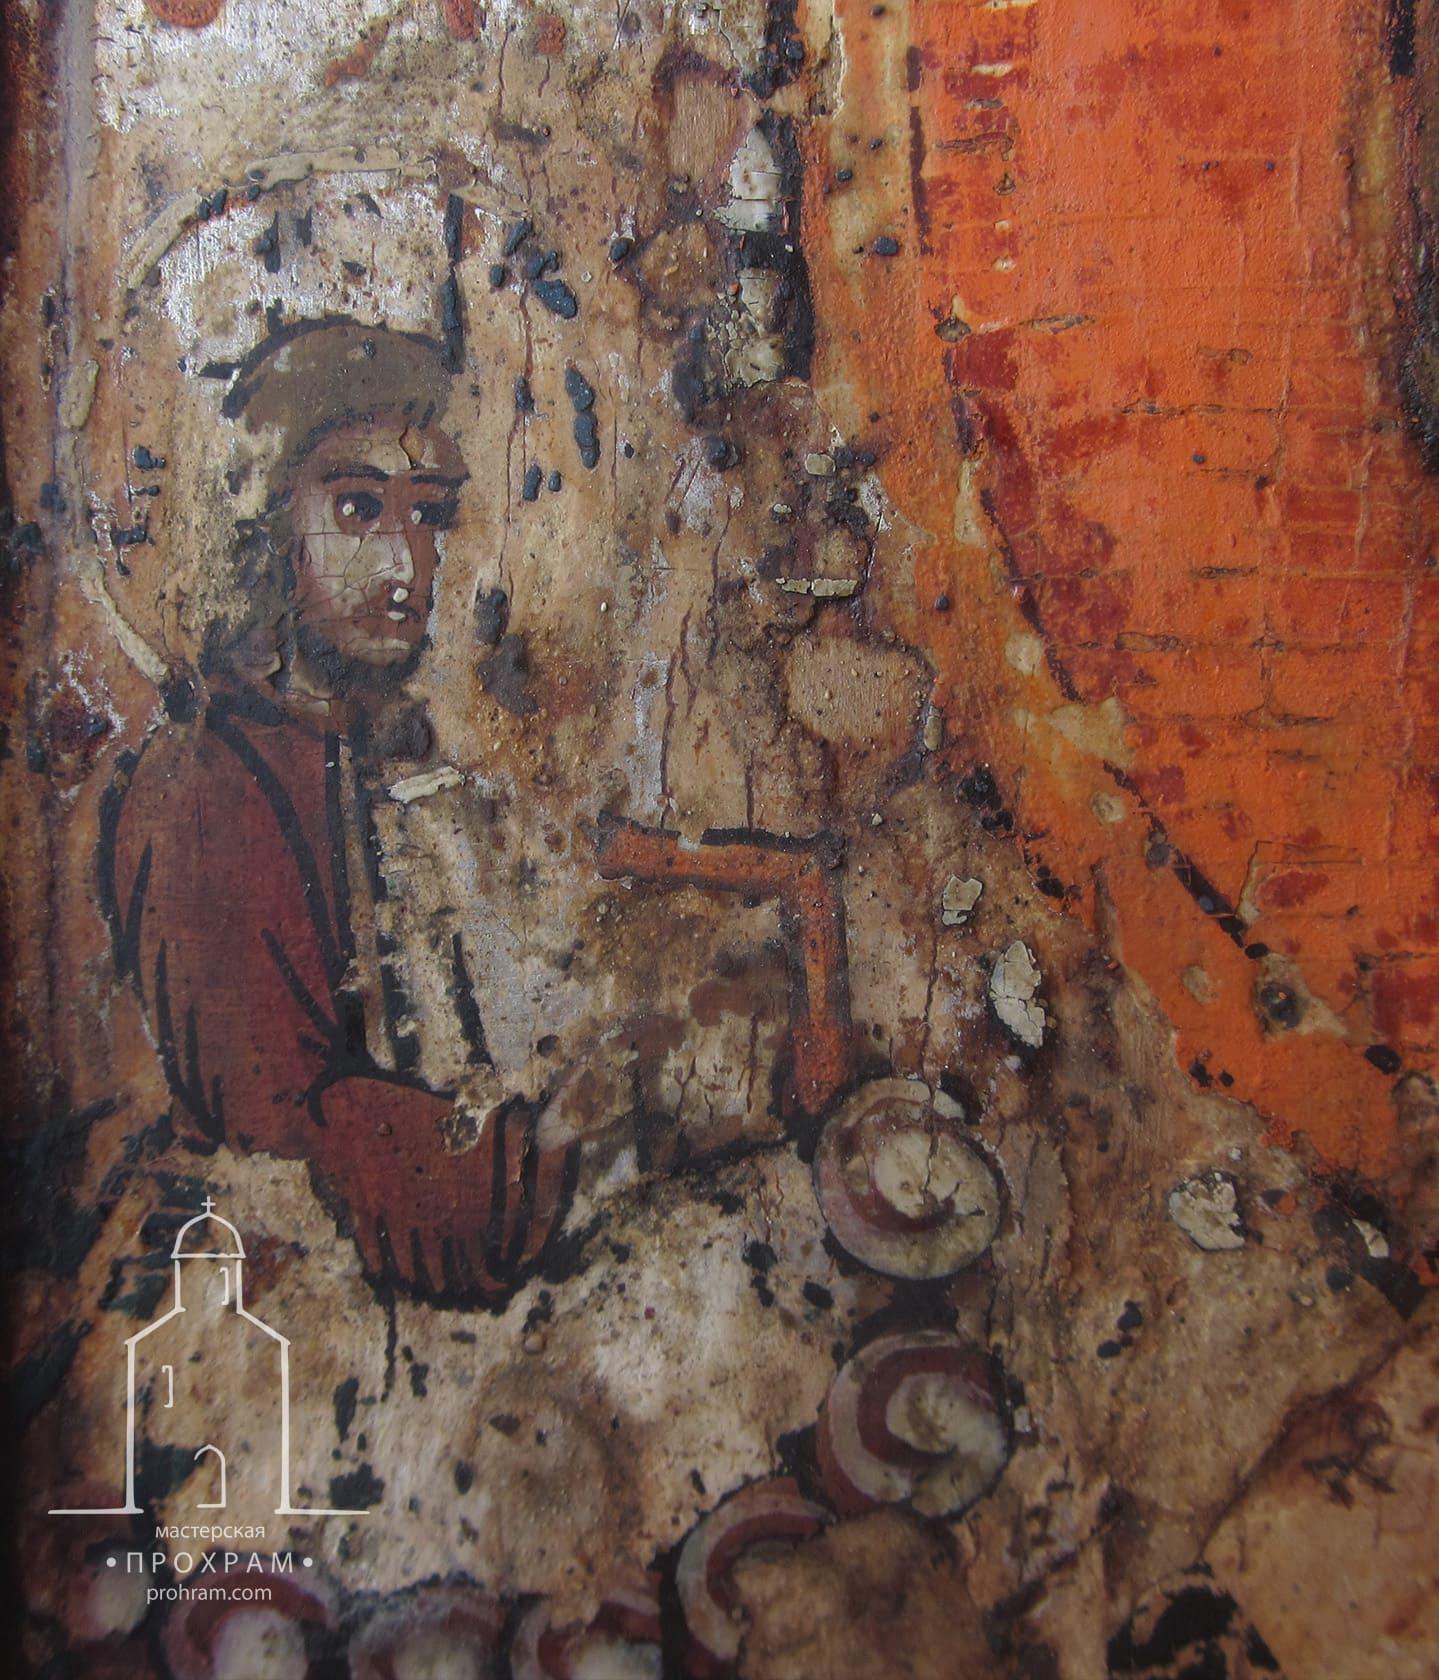 Реставрация, Св. Николай, реставрация икон, реставрация икон этапы, реставрация иконы фото до и после